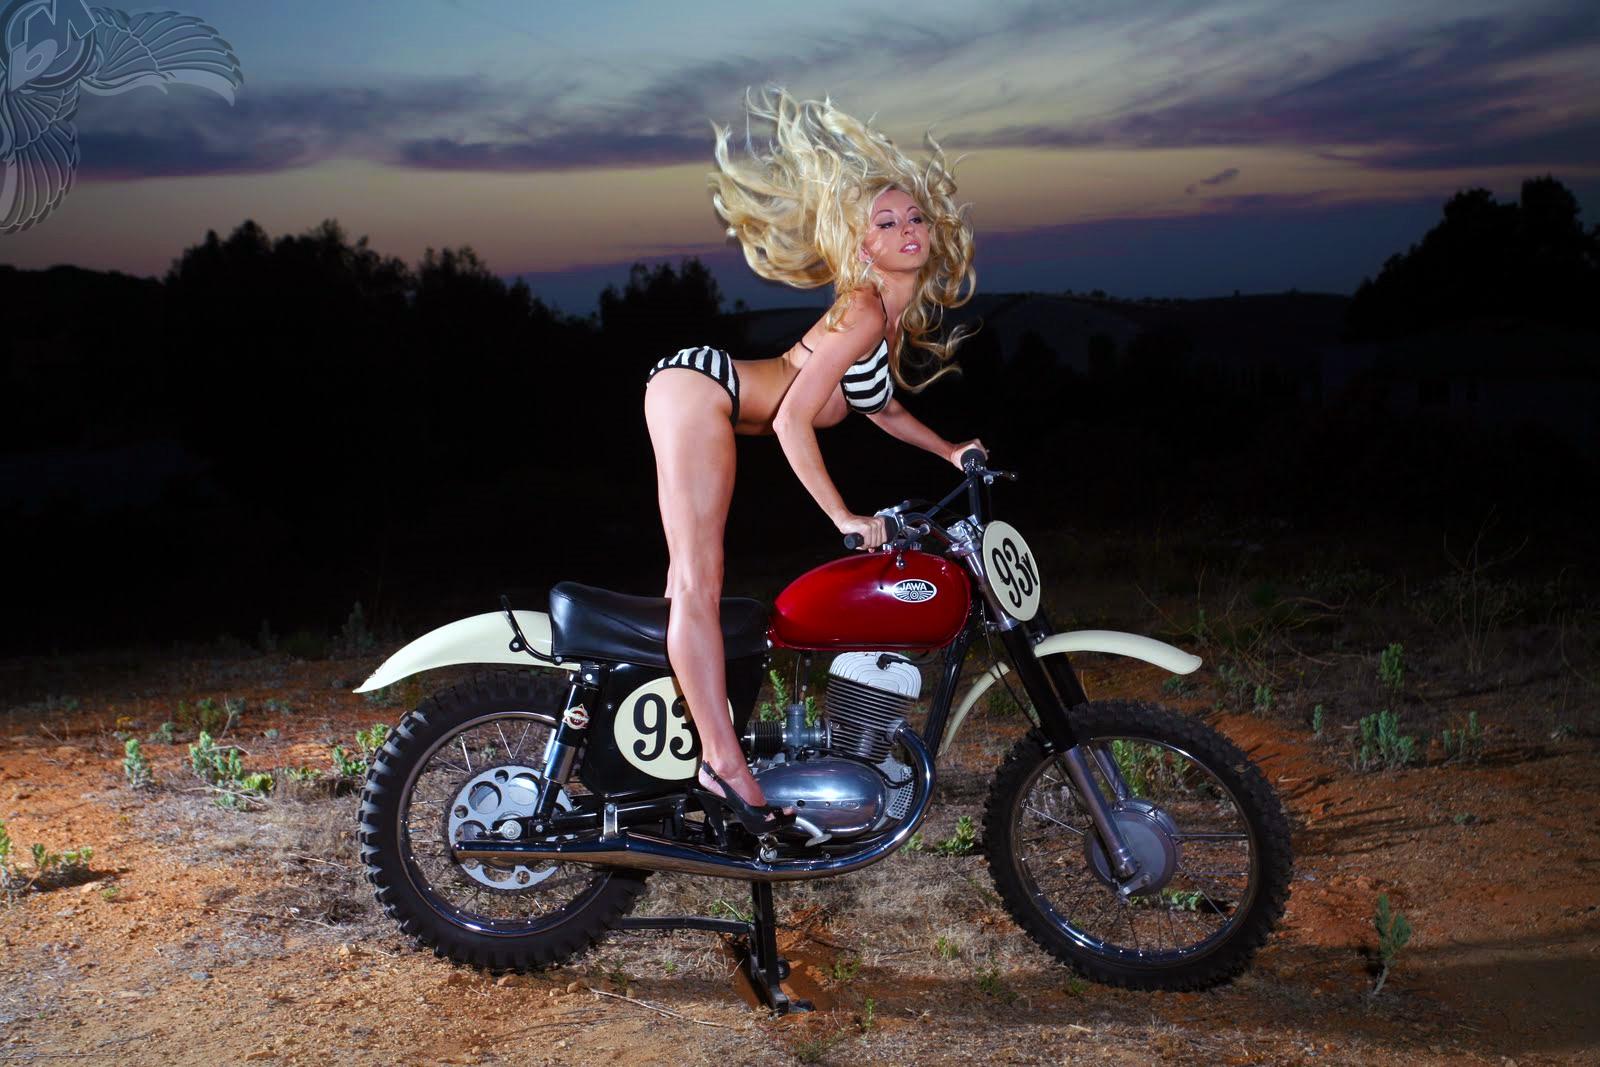 Слет байкеров 2009 фото девушки с голой грудью на мотоцикле с флагом 13 фотография